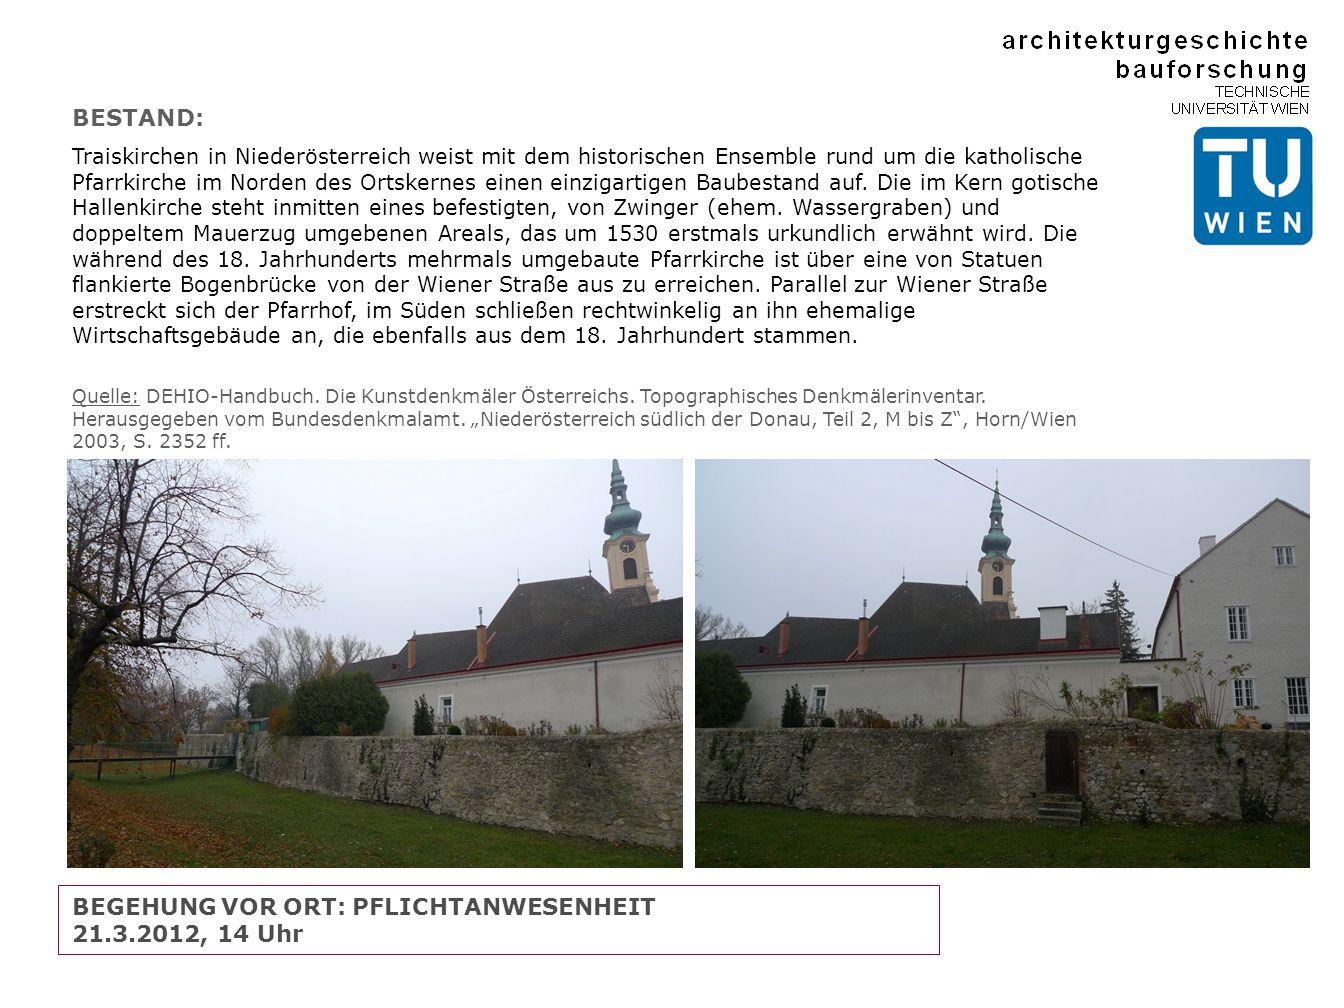 BESTAND: Traiskirchen in Niederösterreich weist mit dem historischen Ensemble rund um die katholische Pfarrkirche im Norden des Ortskernes einen einzigartigen Baubestand auf.